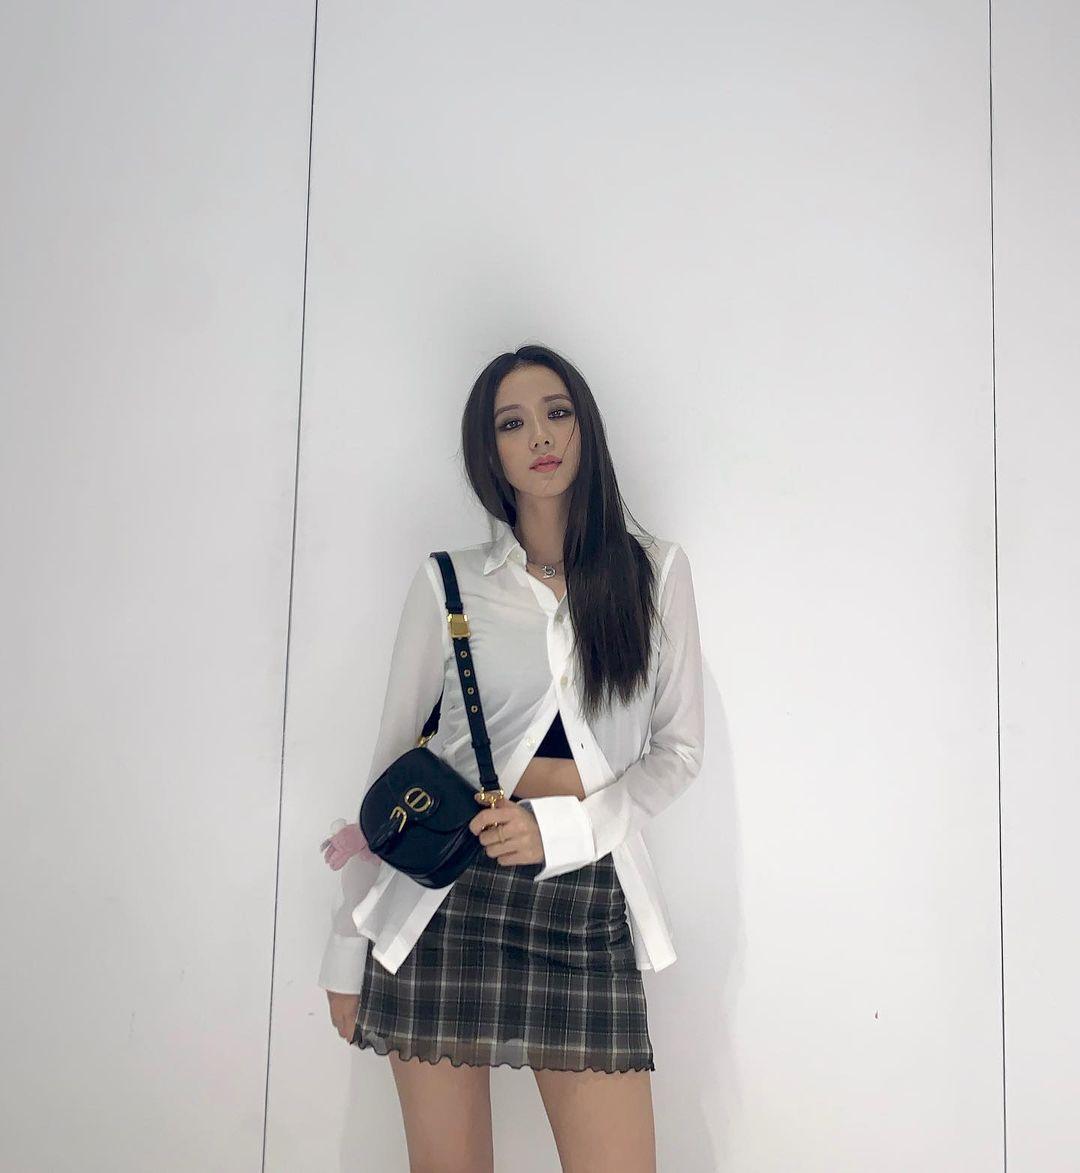 Mix & Phối - Jisoo rất hiếm khi mặc váy dài lượt thượt, nhìn ảnh so sánh vóc dáng cách biệt khi mặc váy ngắn - dài sẽ hiểu ngay lý do - chanvaydep.net 3